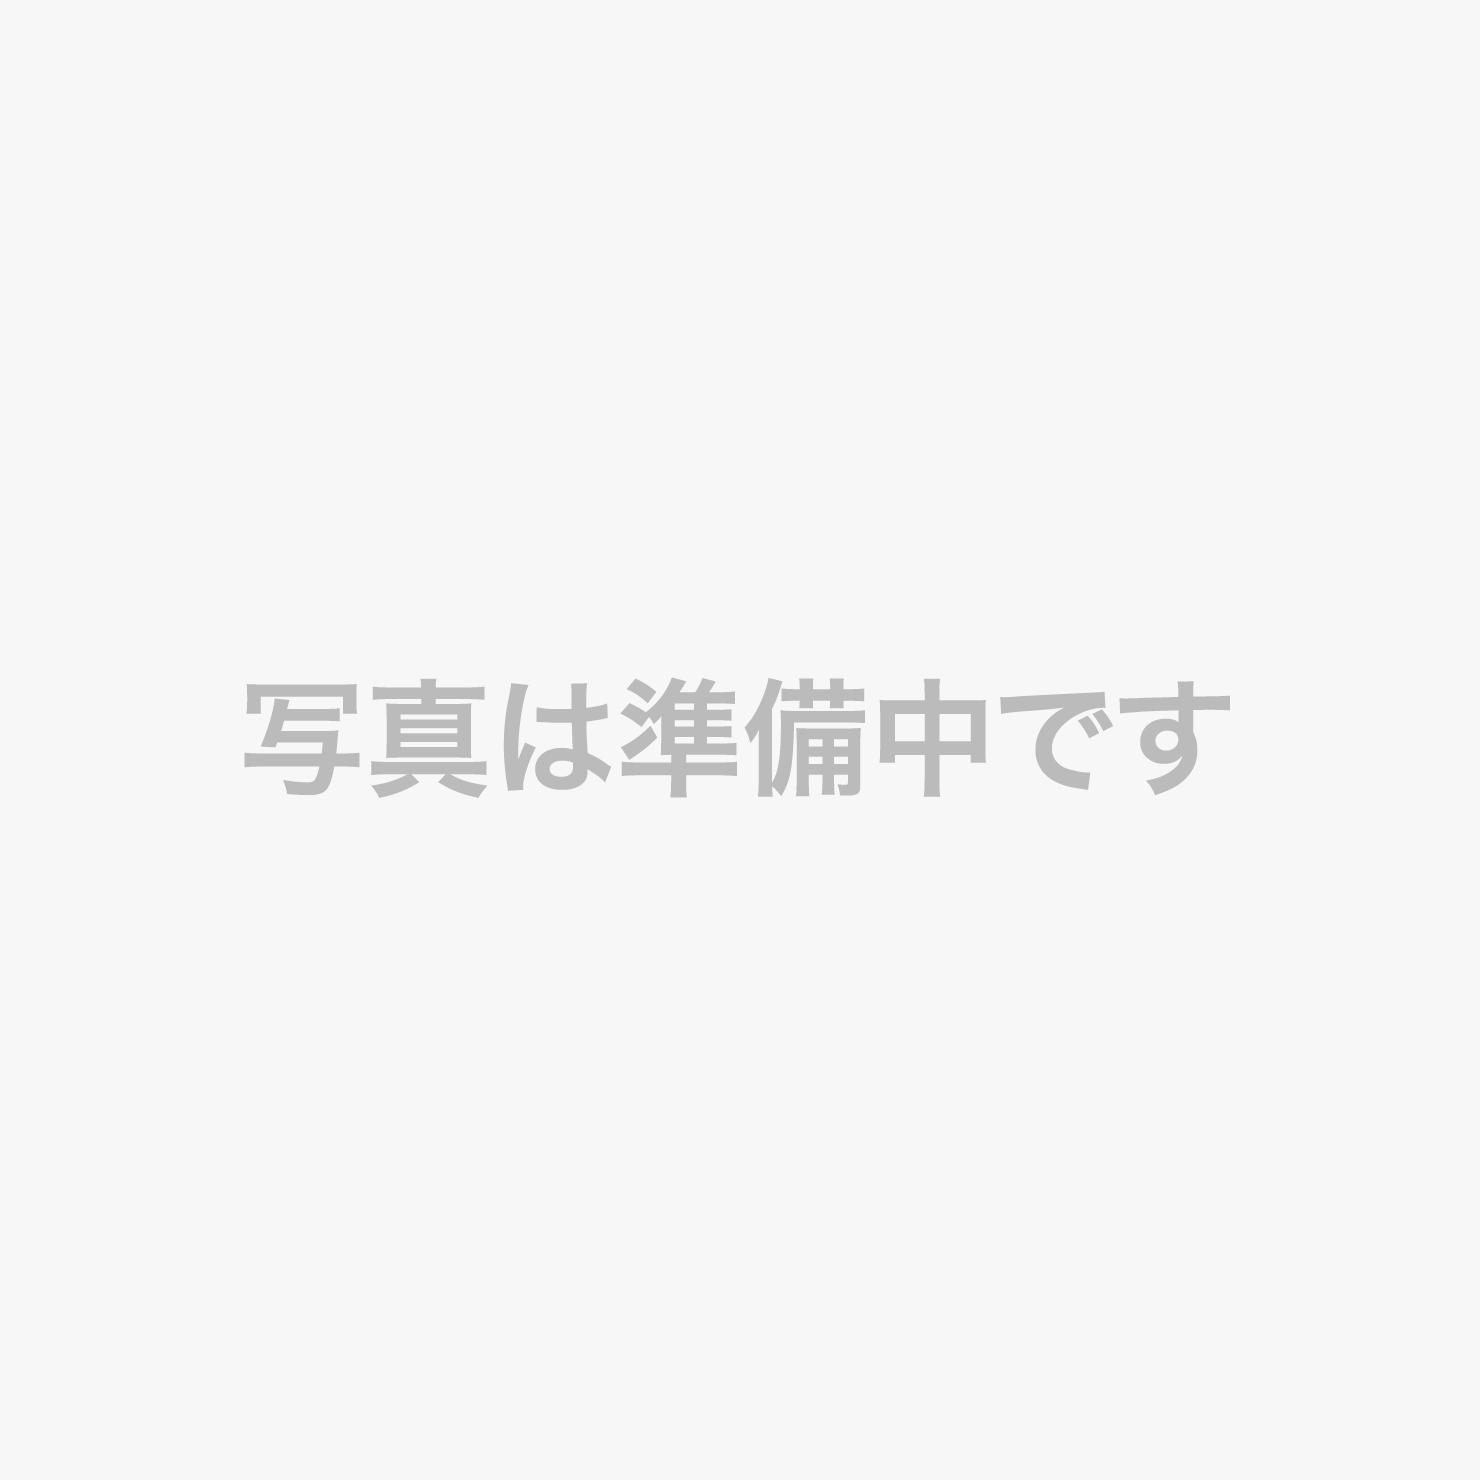 9月1日~11月30日『かに食べ放題と秋の味覚満載フェア』舞茸の天ぷら